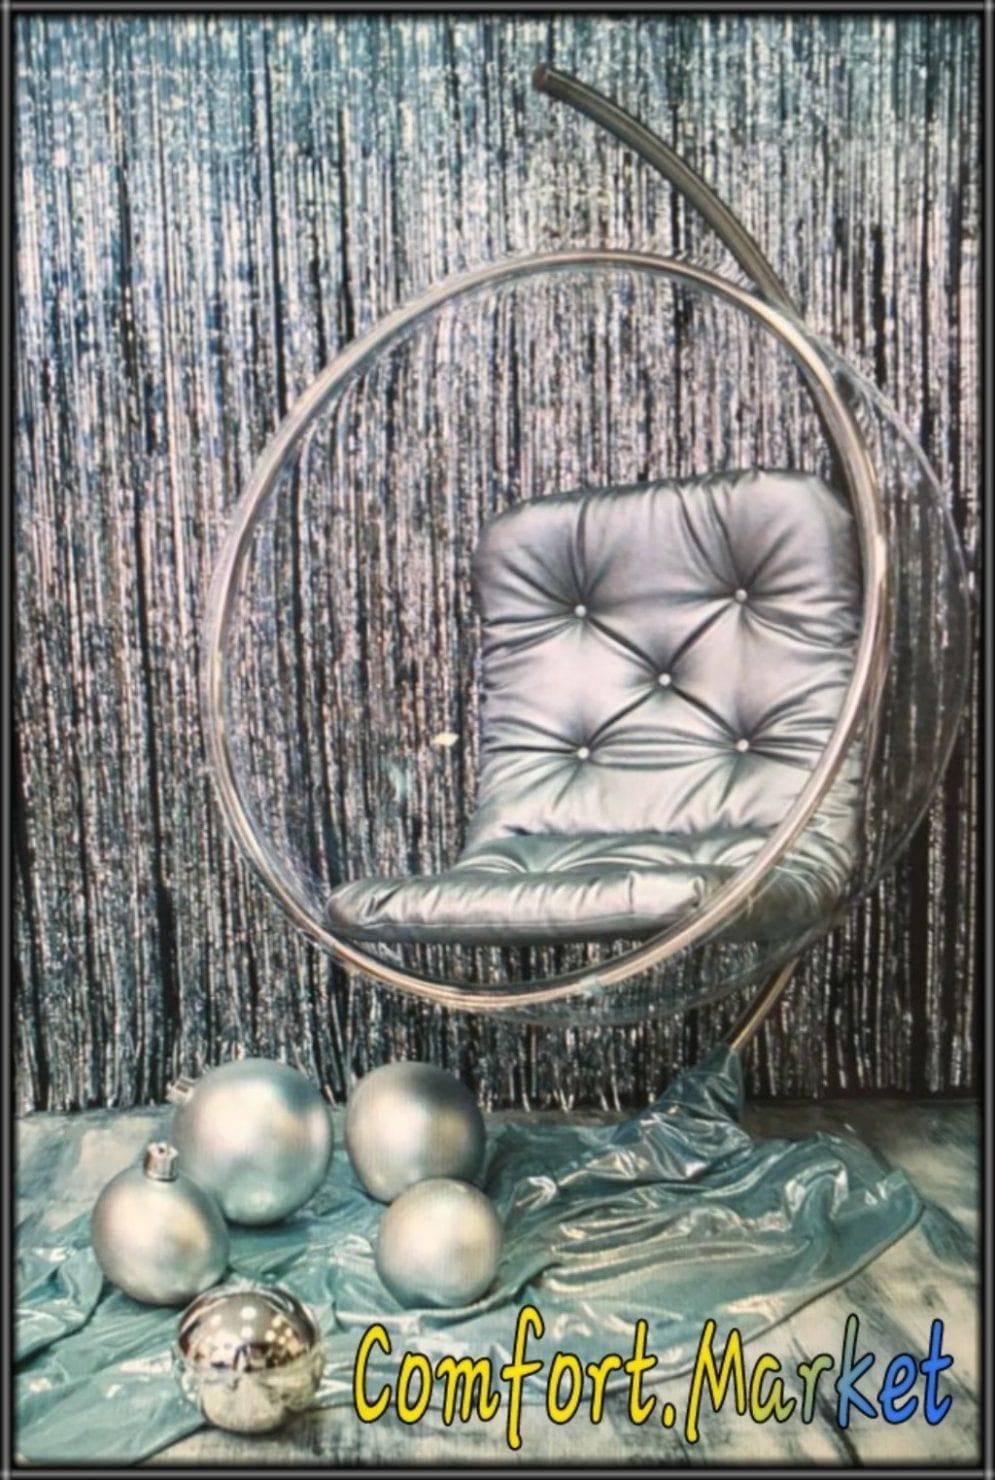 Bubble chair с нержавеющей стойкой - заказать у производителя в Украине